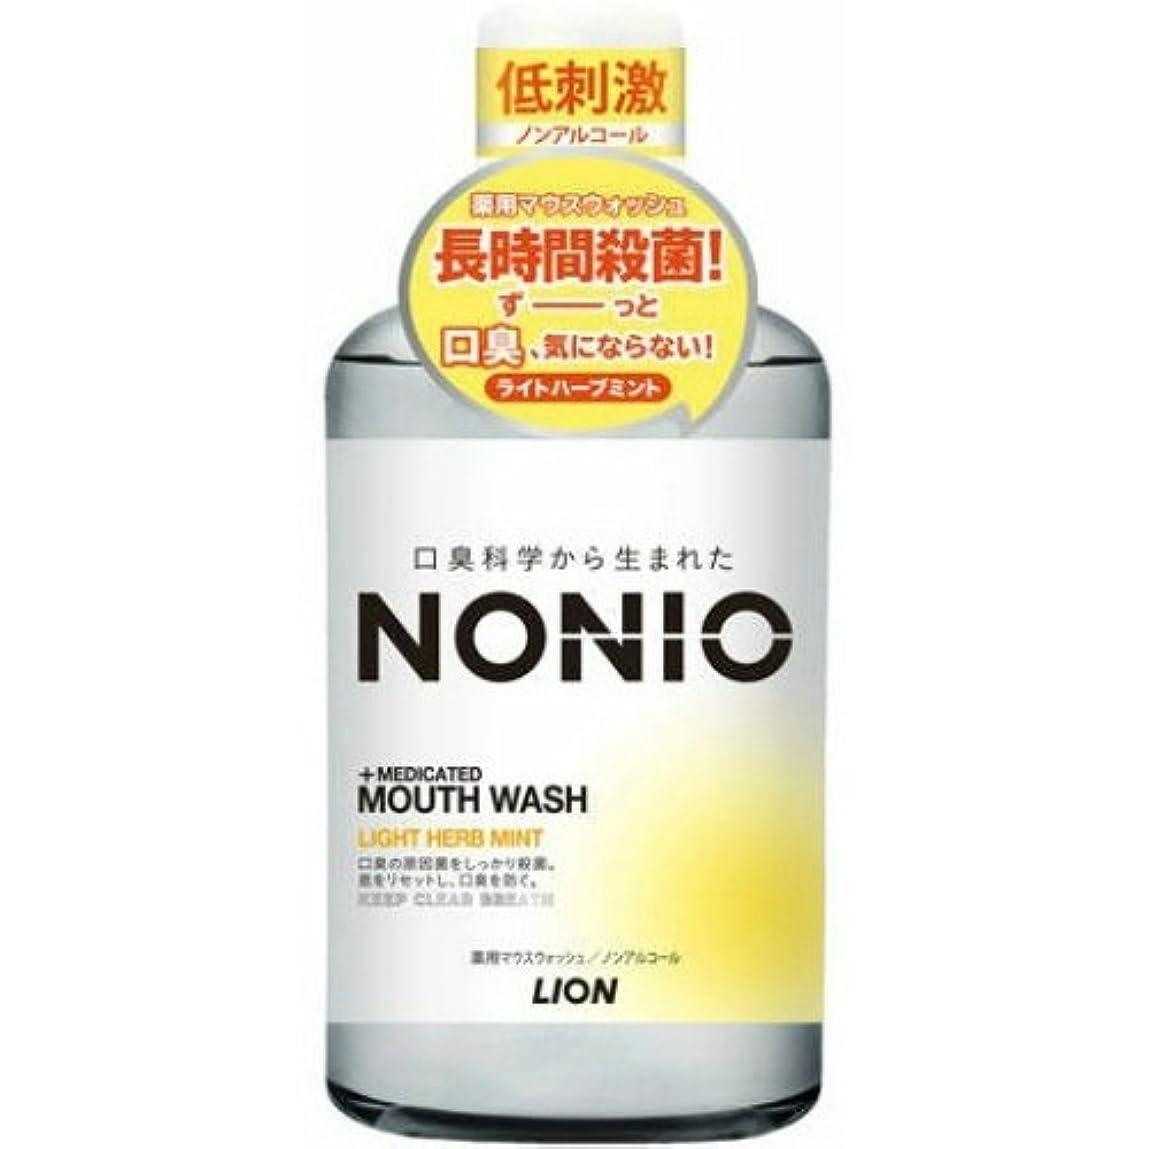 失望させるループ否定するLION ライオン ノニオ NONIO 薬用マウスウォッシュ ノンアルコール ライトハーブミント 600ml 医薬部外品 ×012点セット(4903301259398)